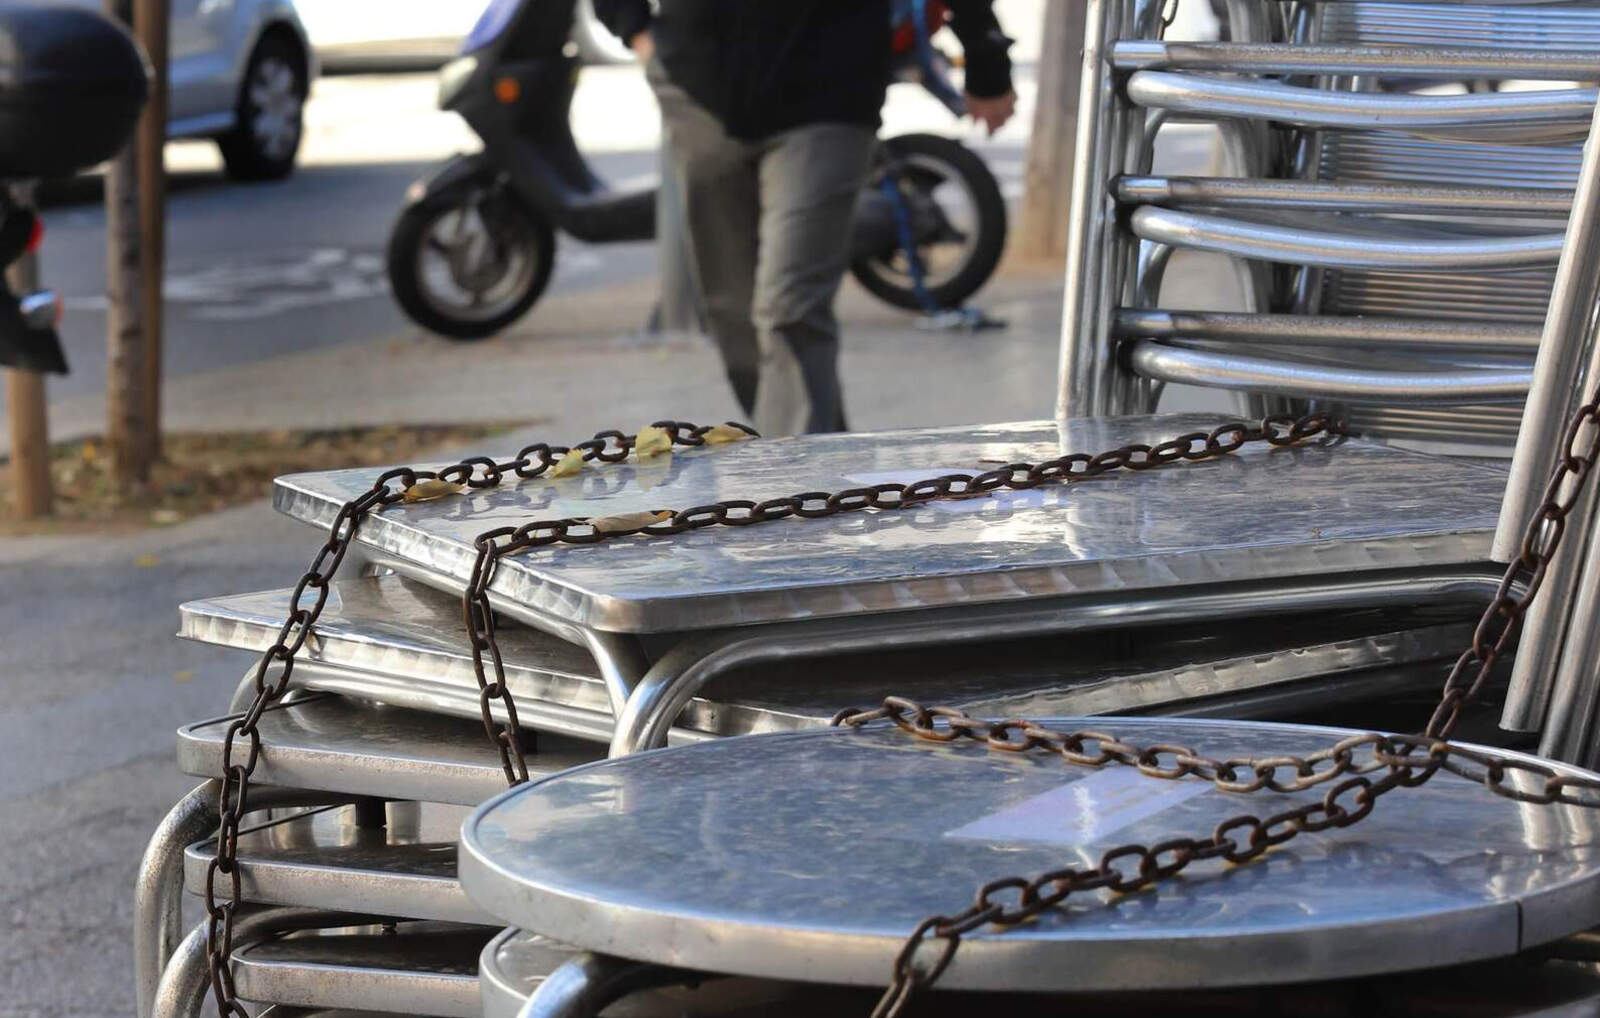 Bars i restaurants tancats per lluitar contra la Covid-19